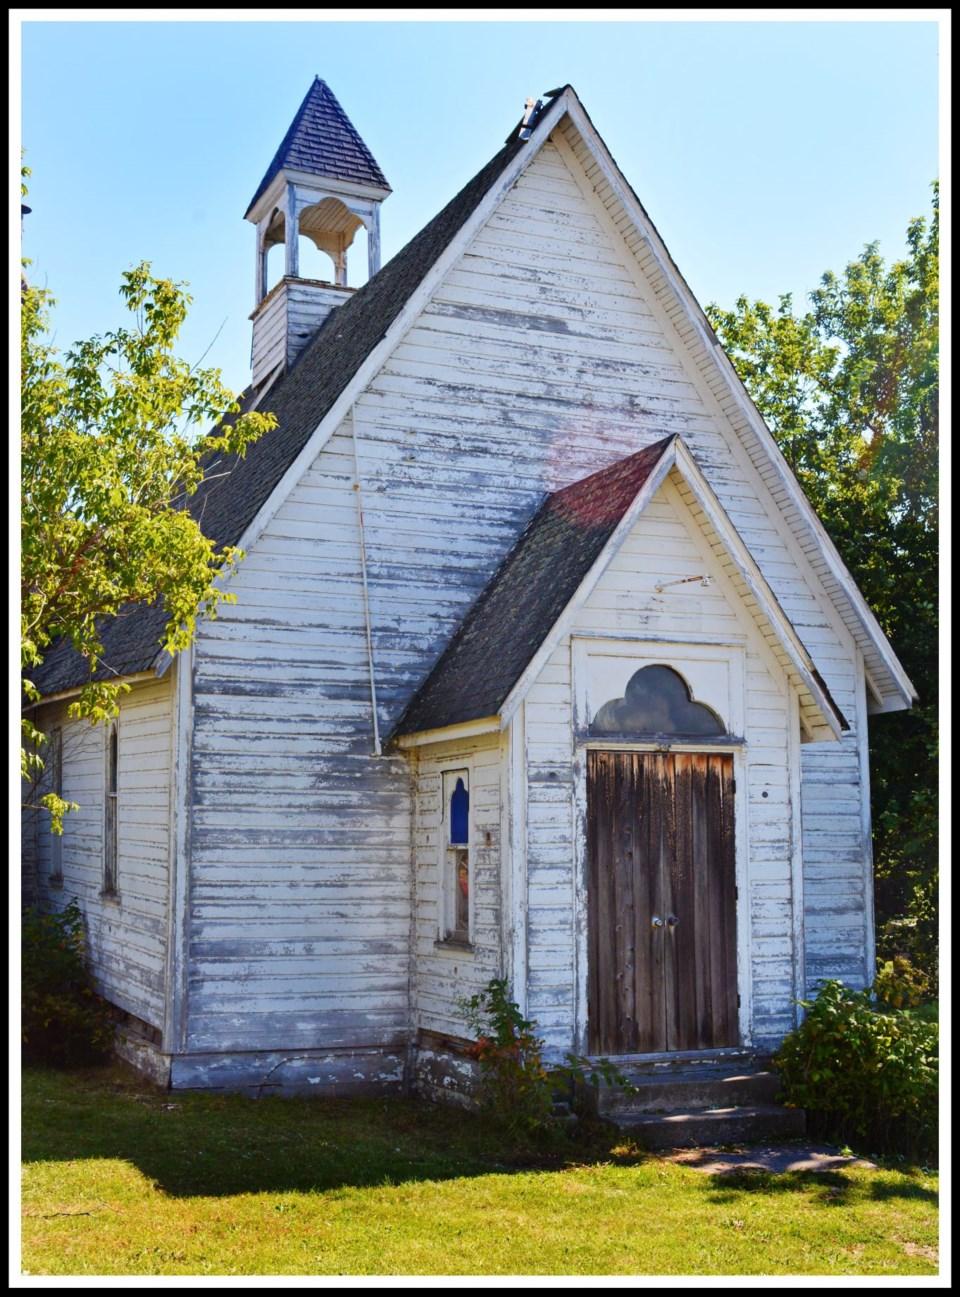 USED 2021-9-14goodmorningnorthbaybct  4 Abandoned church. Cache Bay. Courtesy of Zeke Johnson.